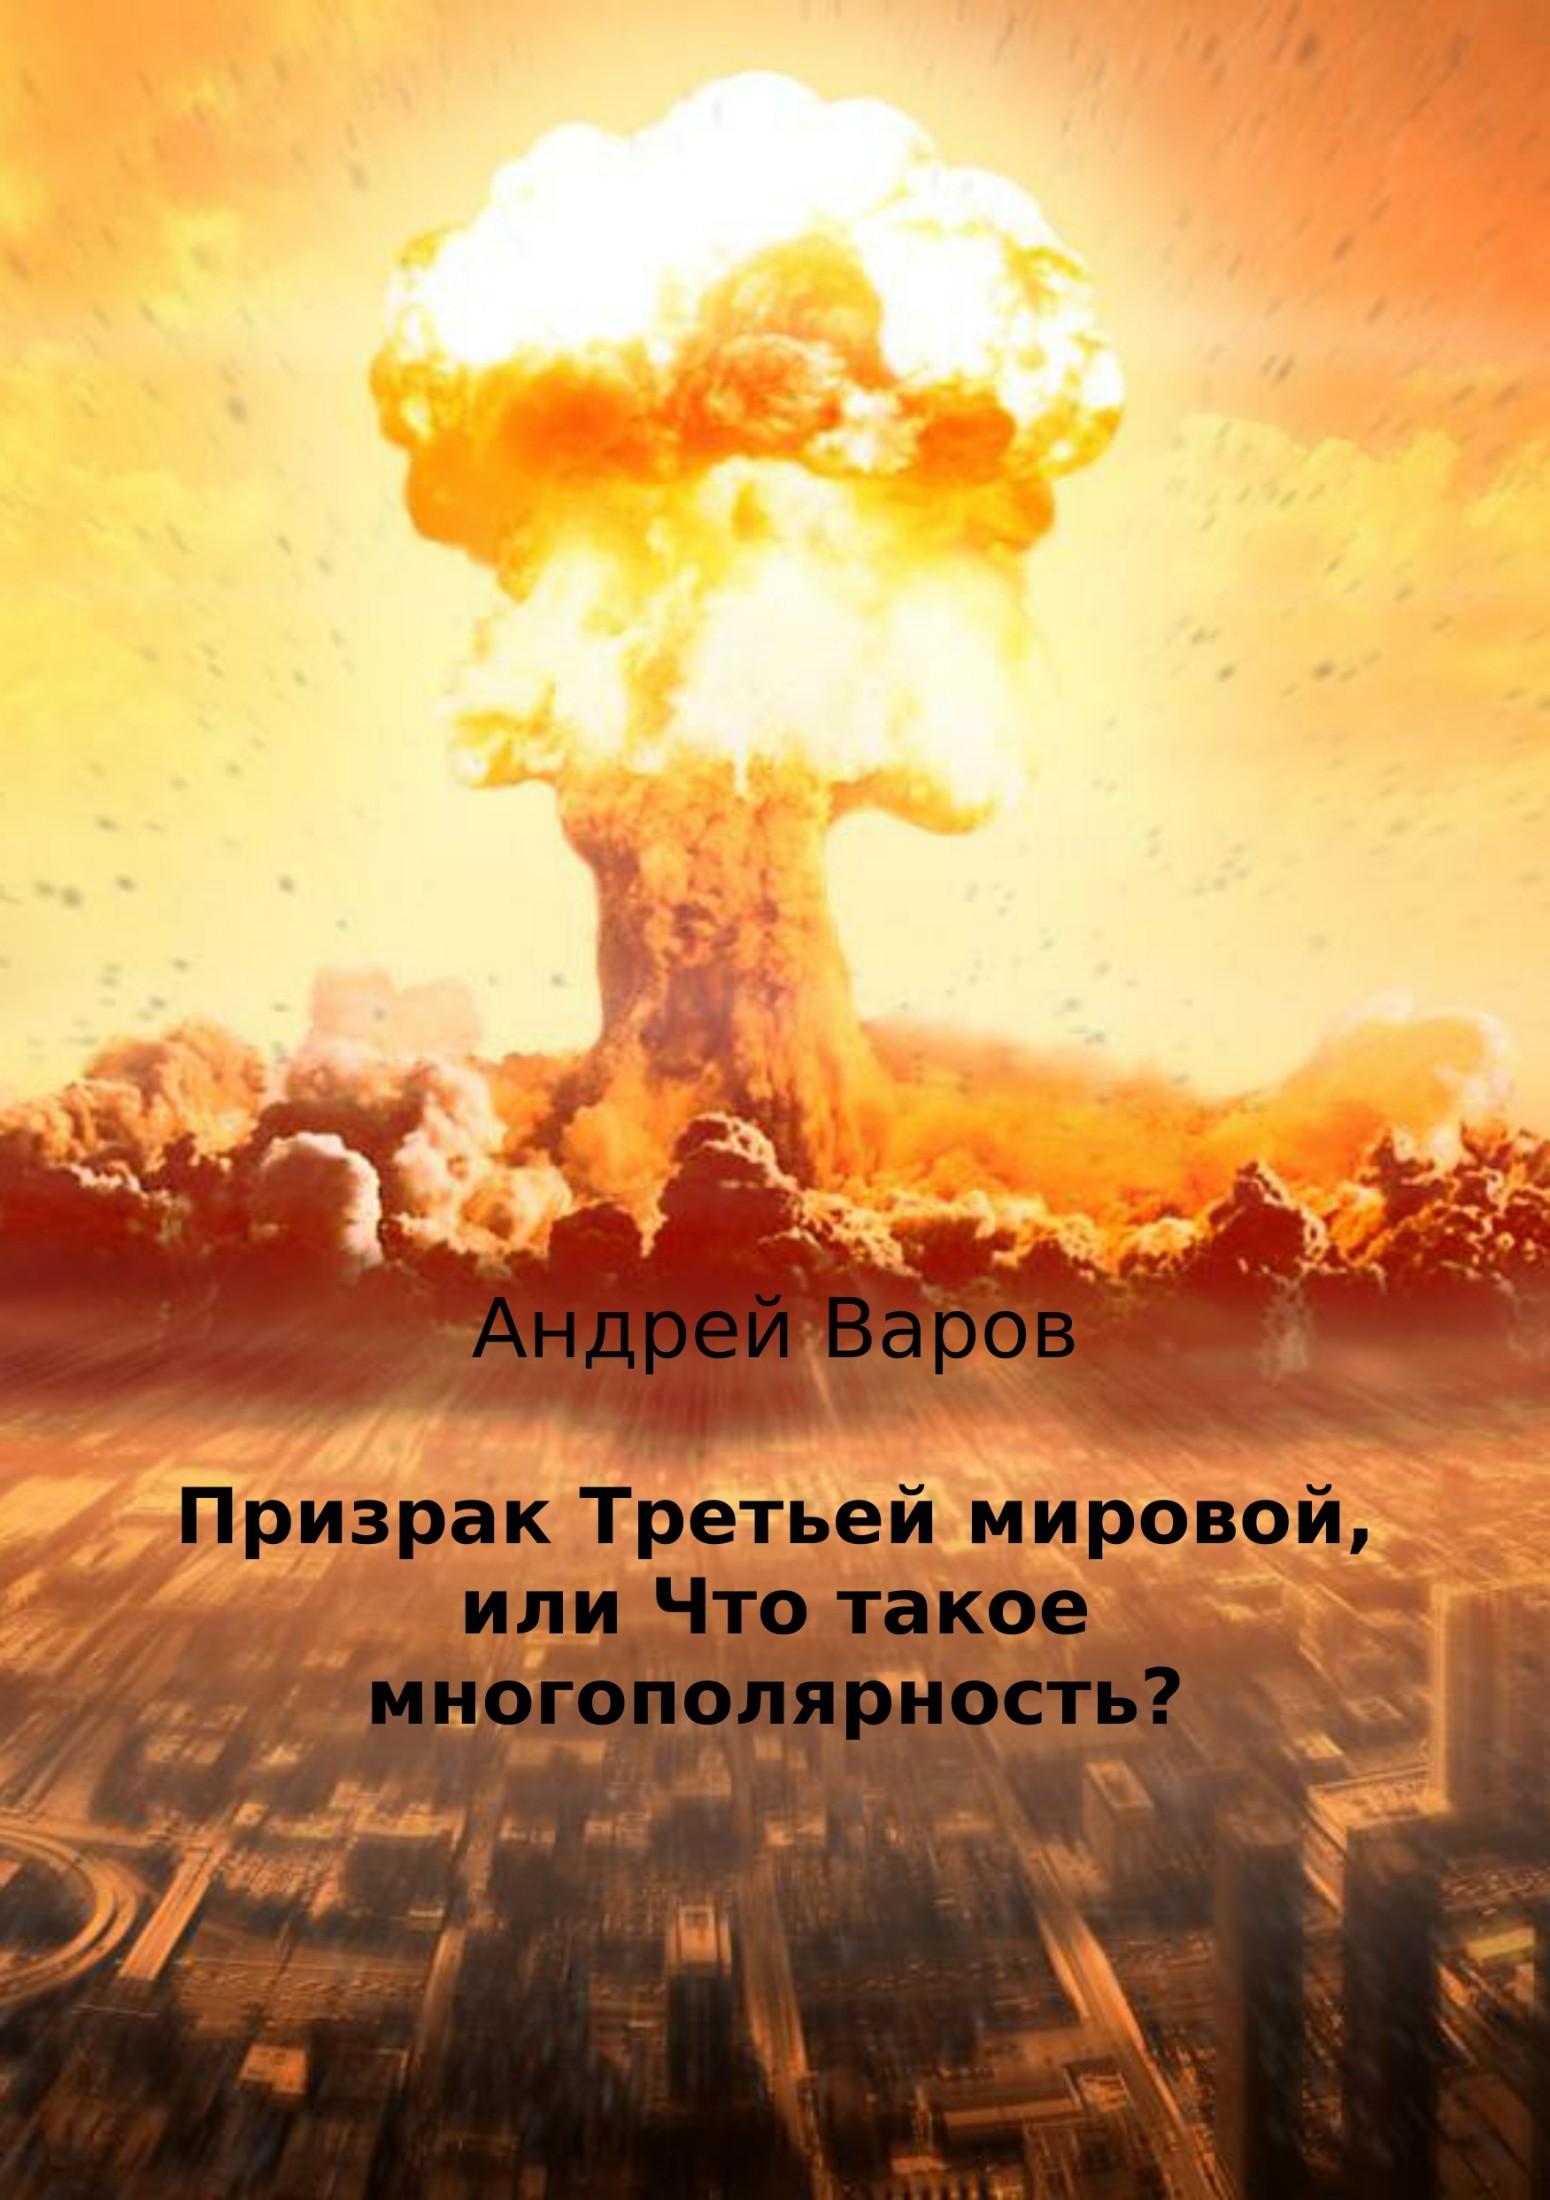 Андрей Варов - Призрак Третьей мировой, или Что такое многополярность?